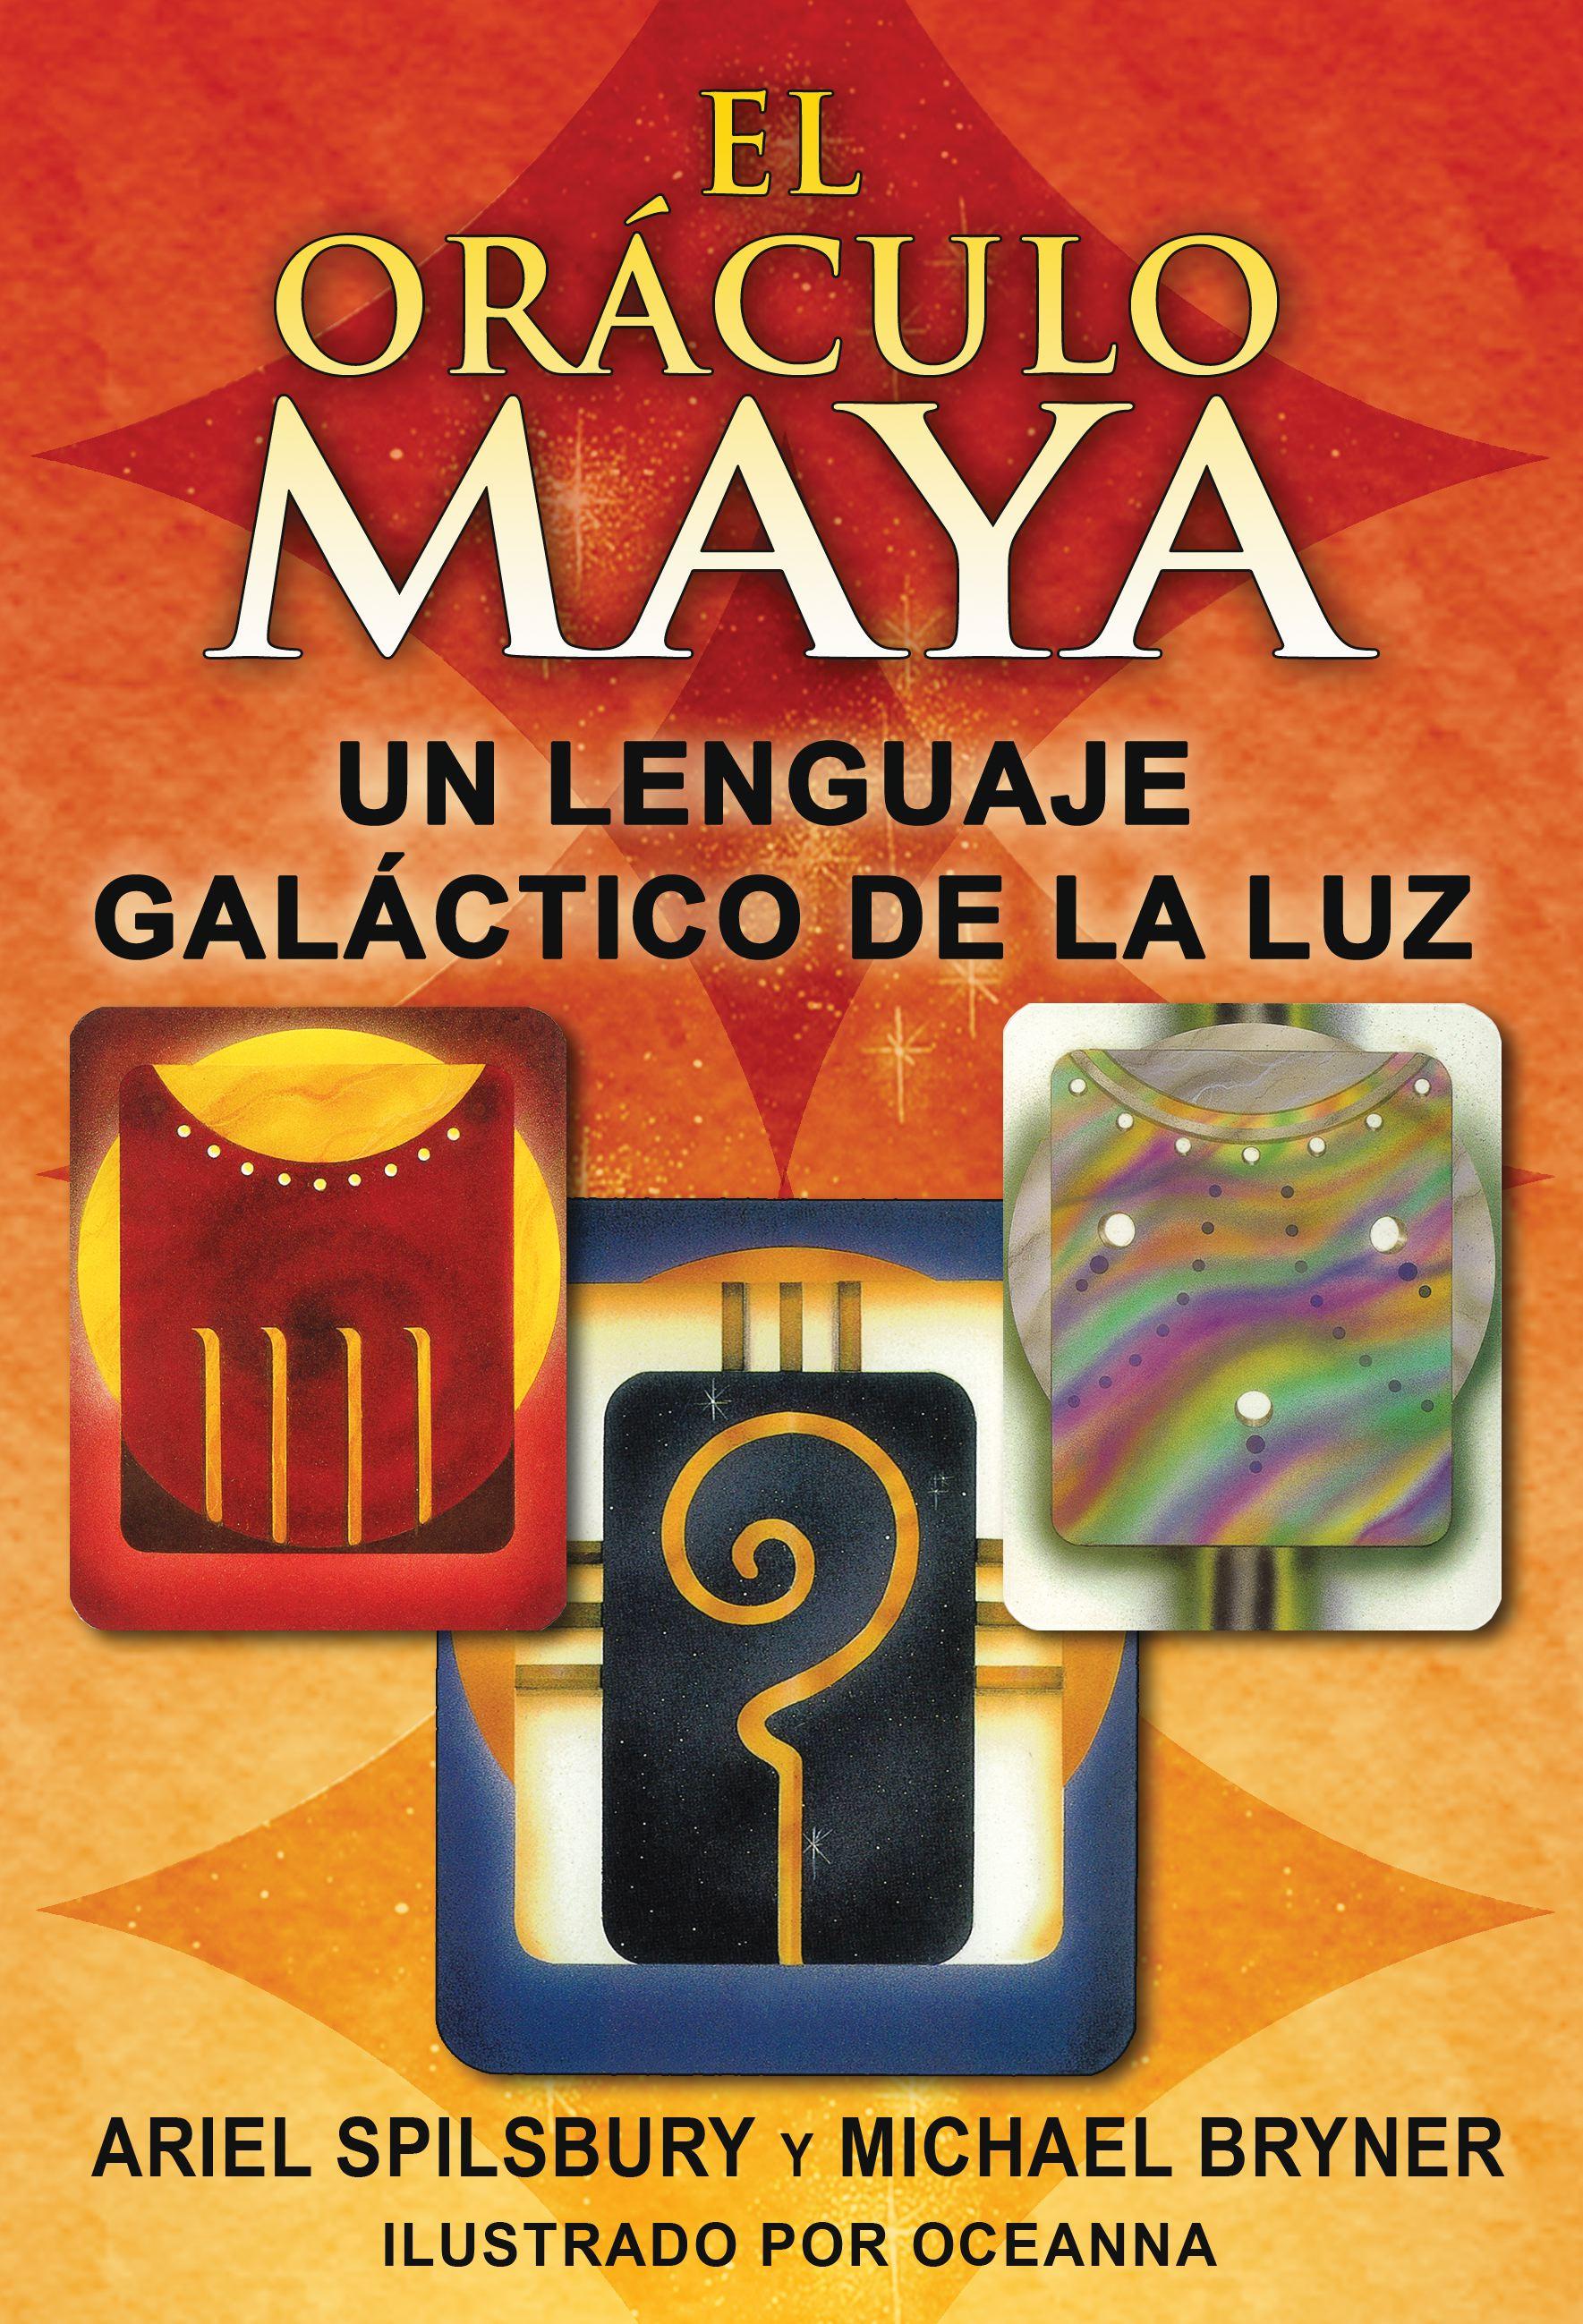 El oraculo maya 9781594773921 hr